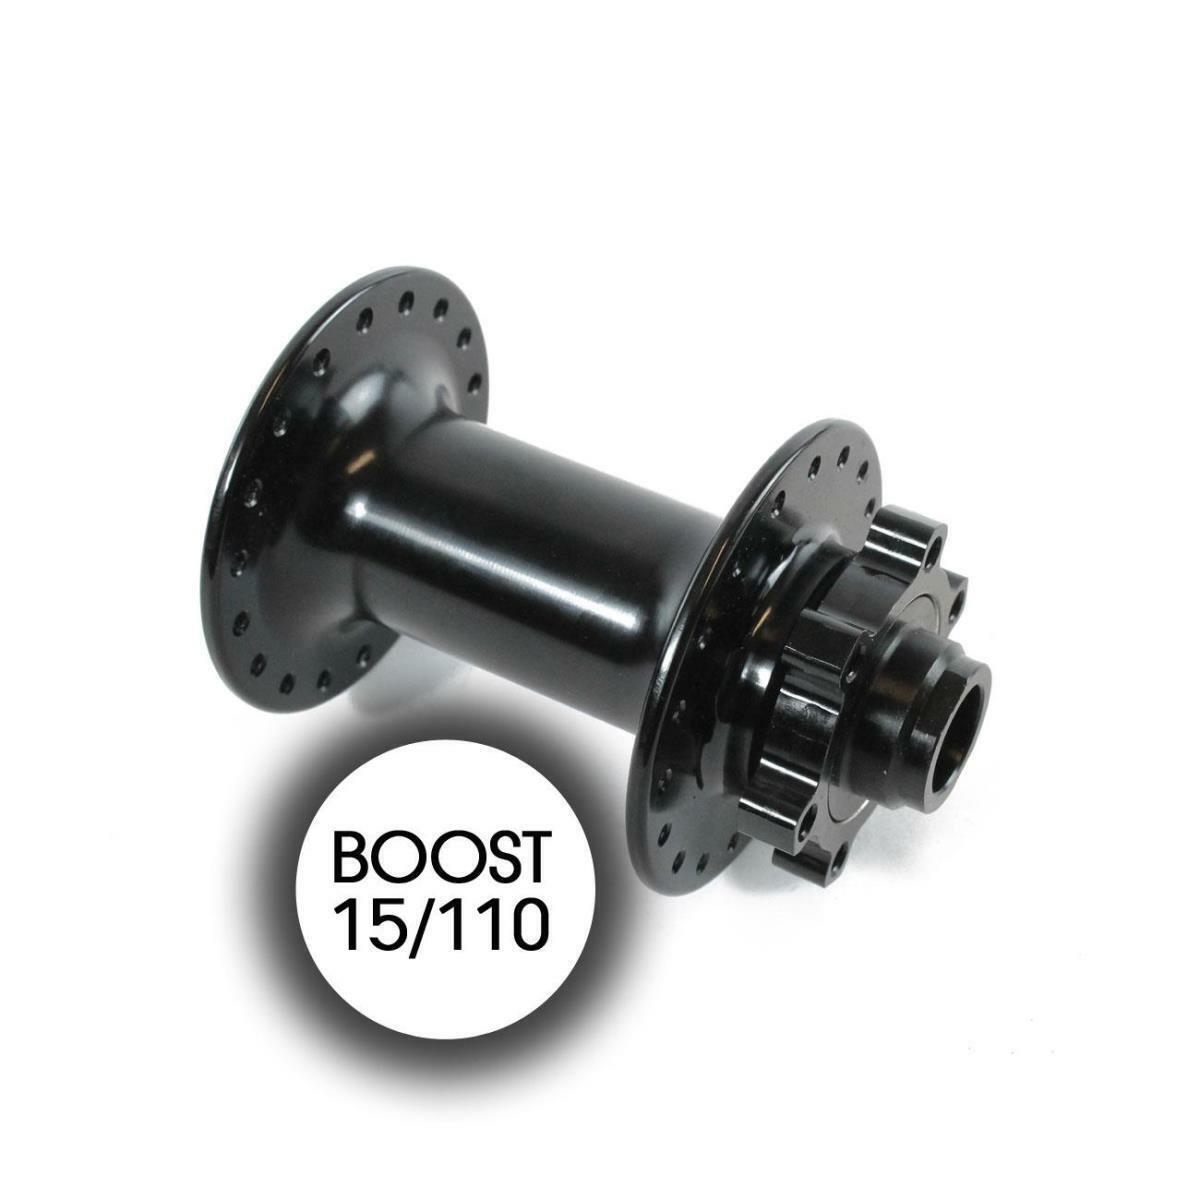 Mozzo anteriore 36h boost 15 110mm disco schwarz MZBO1510 RIDEWILL BIKE Mozzi mtb